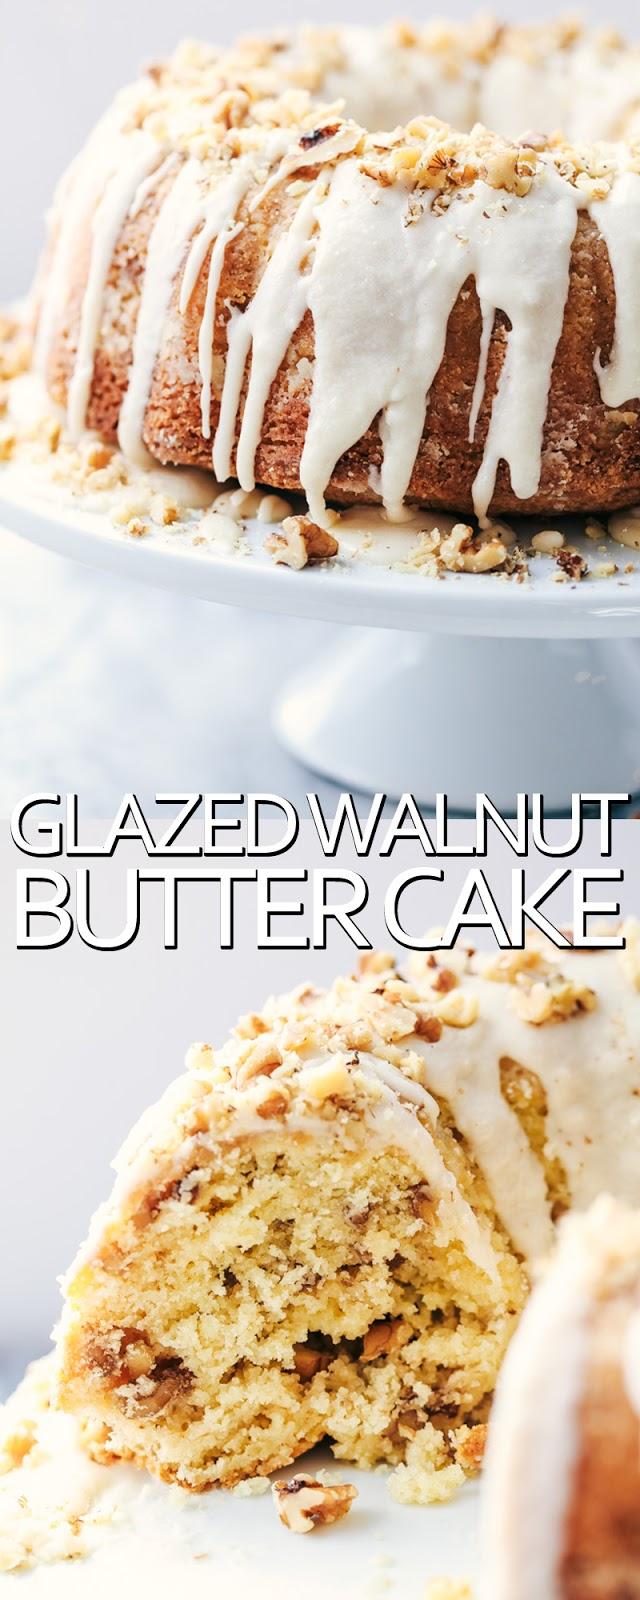 GLAZED WALNUT BUTTER CAKE